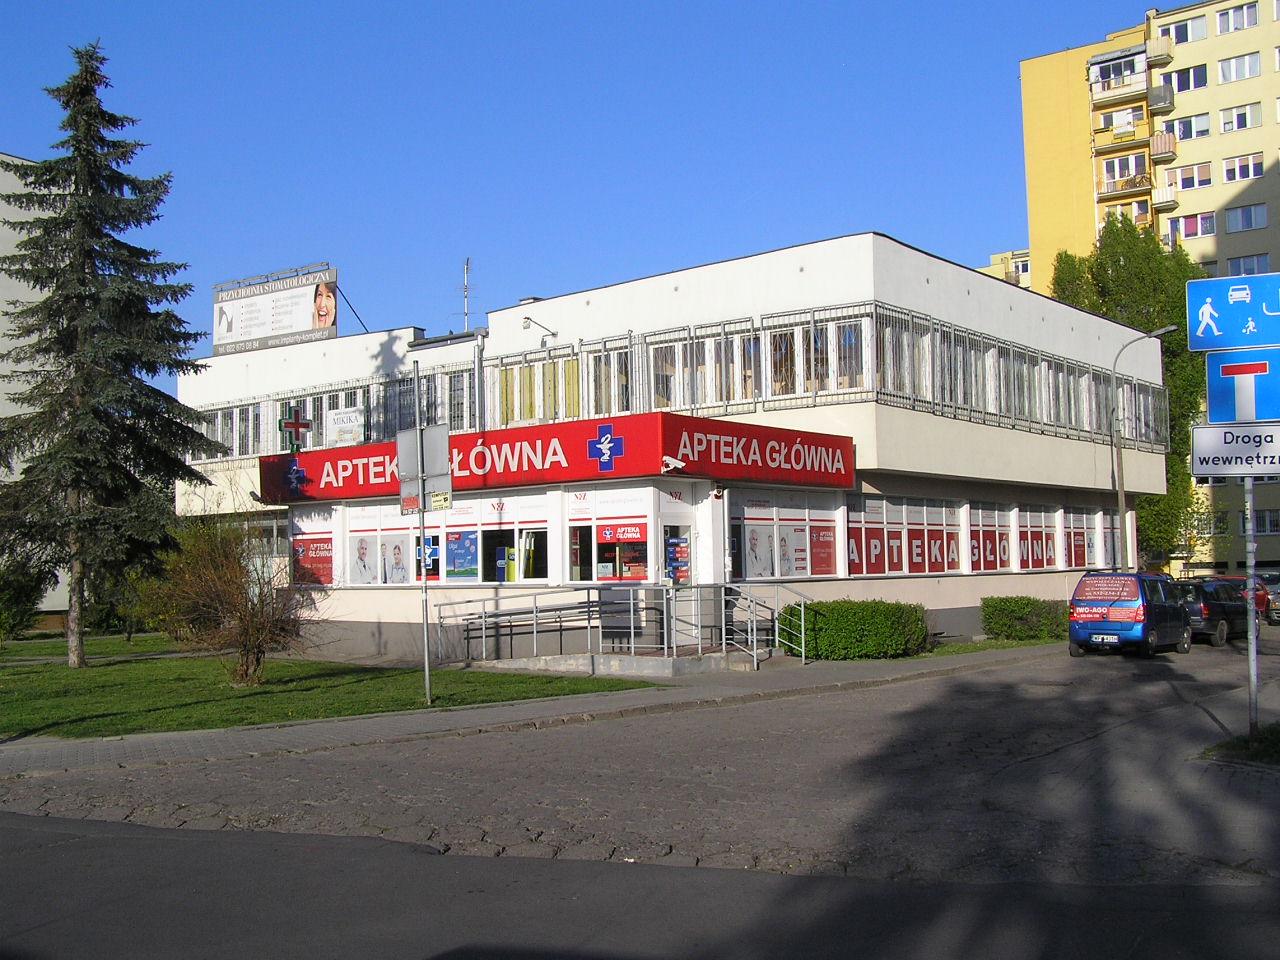 Garwolińska 16